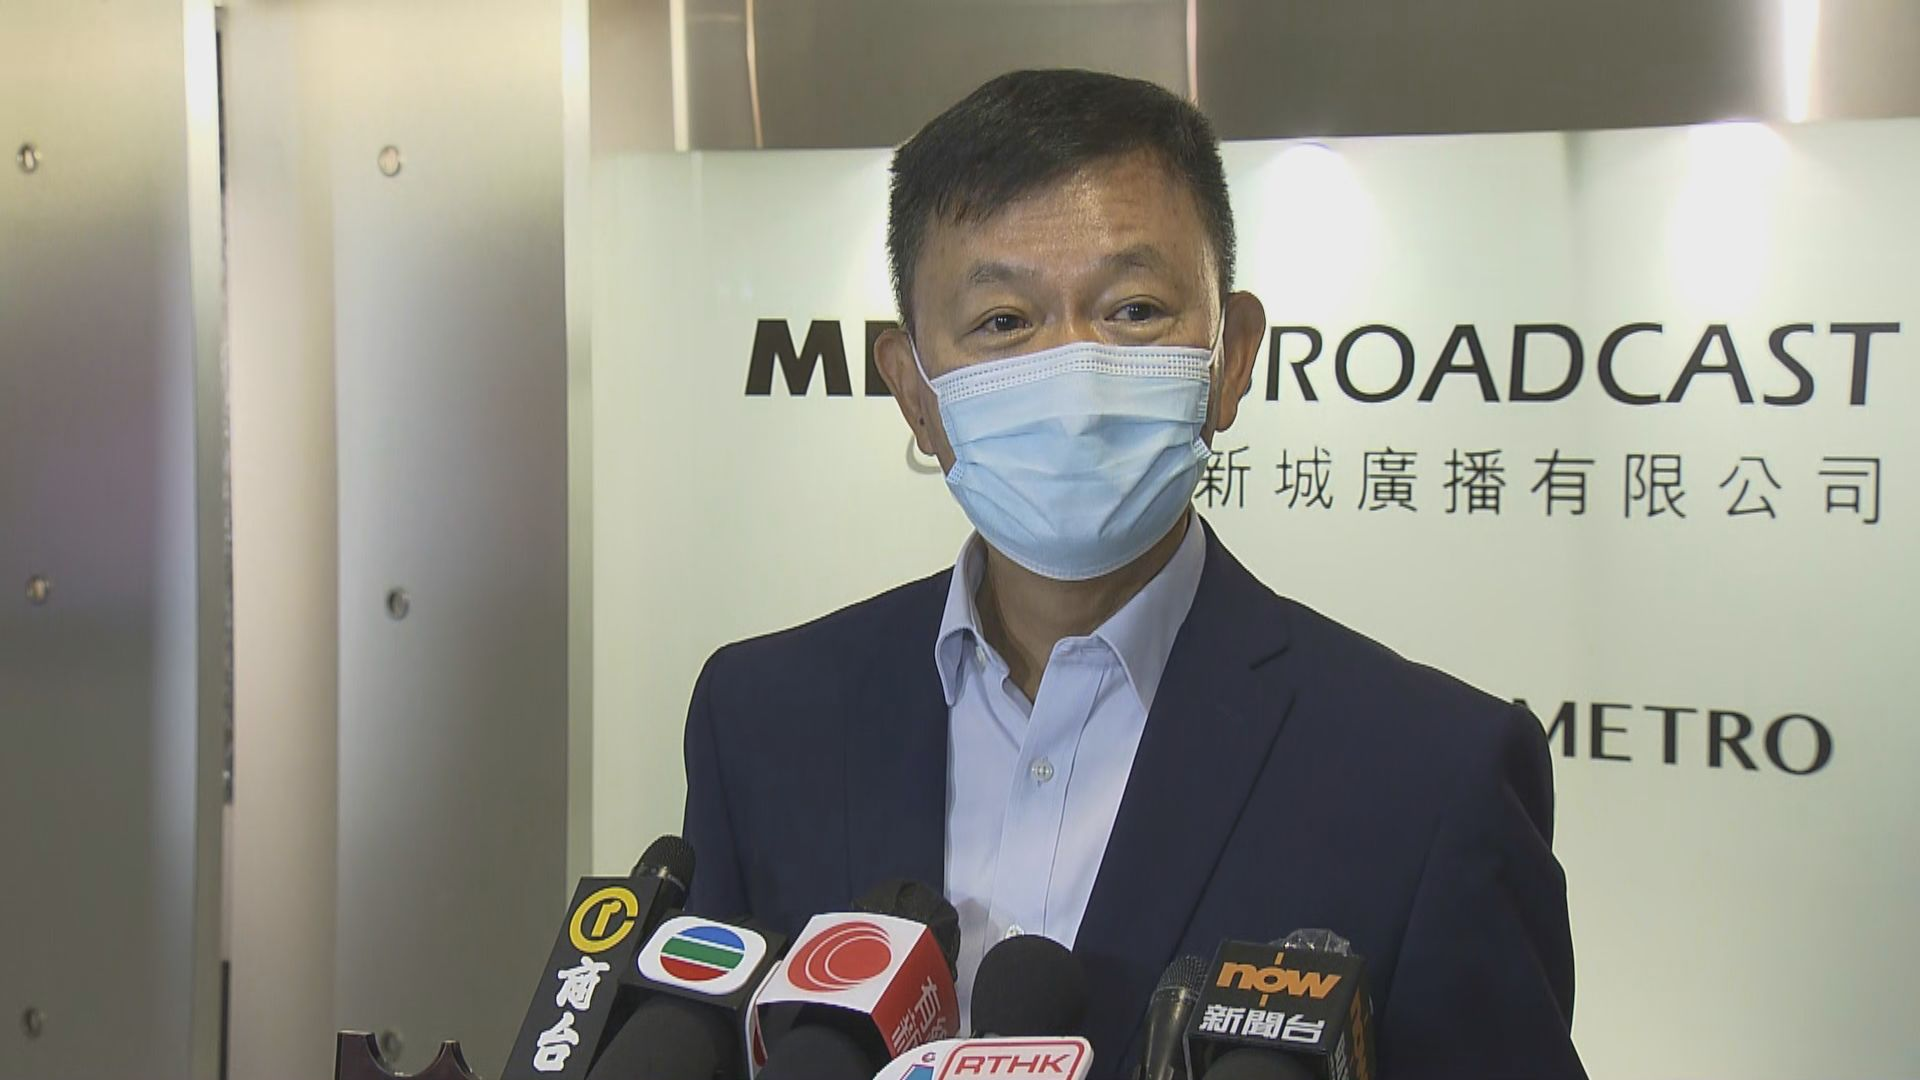 梁栢賢:政府可考慮以外展形式到校為學生接種新冠疫苗